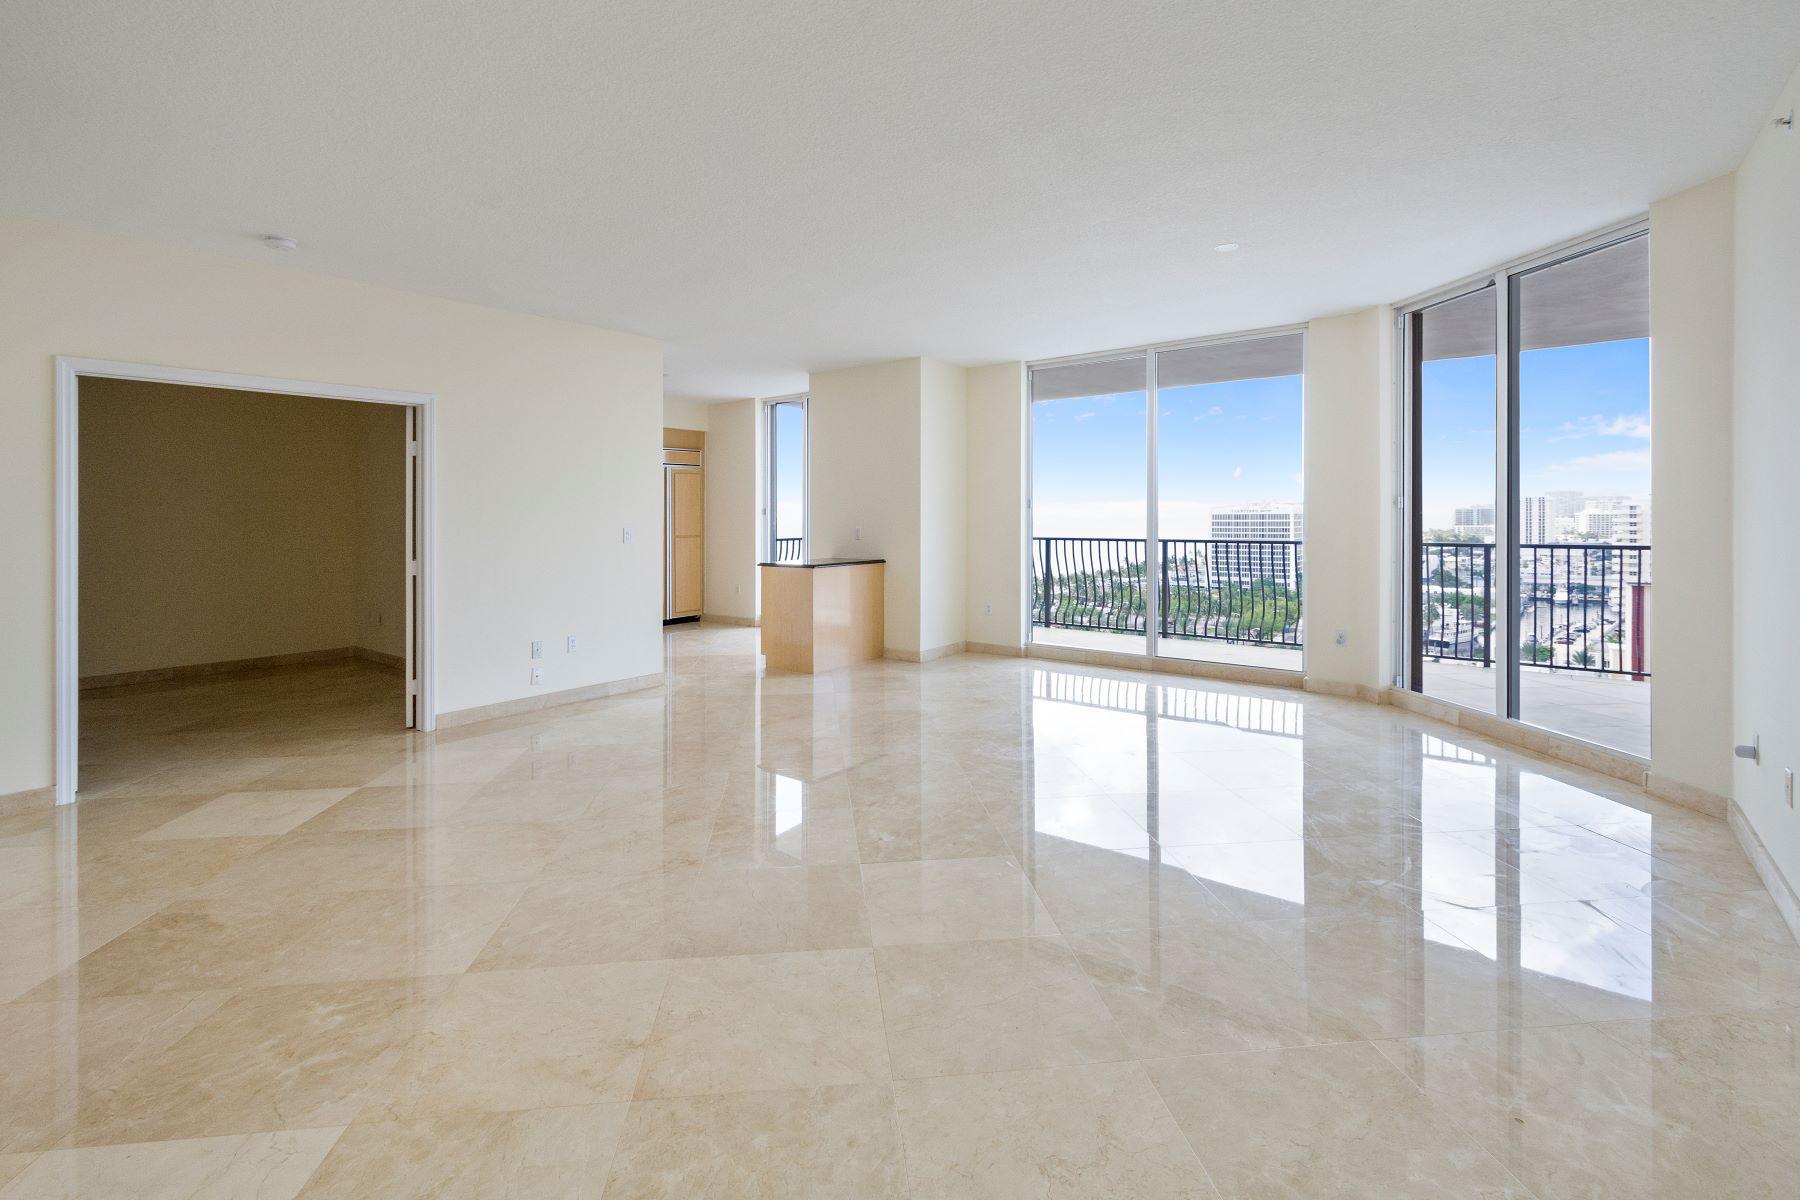 公寓 为 销售 在 100 S Birch Rd #1504E 100 SBirch Rd 1504E 劳德代尔堡, 佛罗里达州, 33316 美国